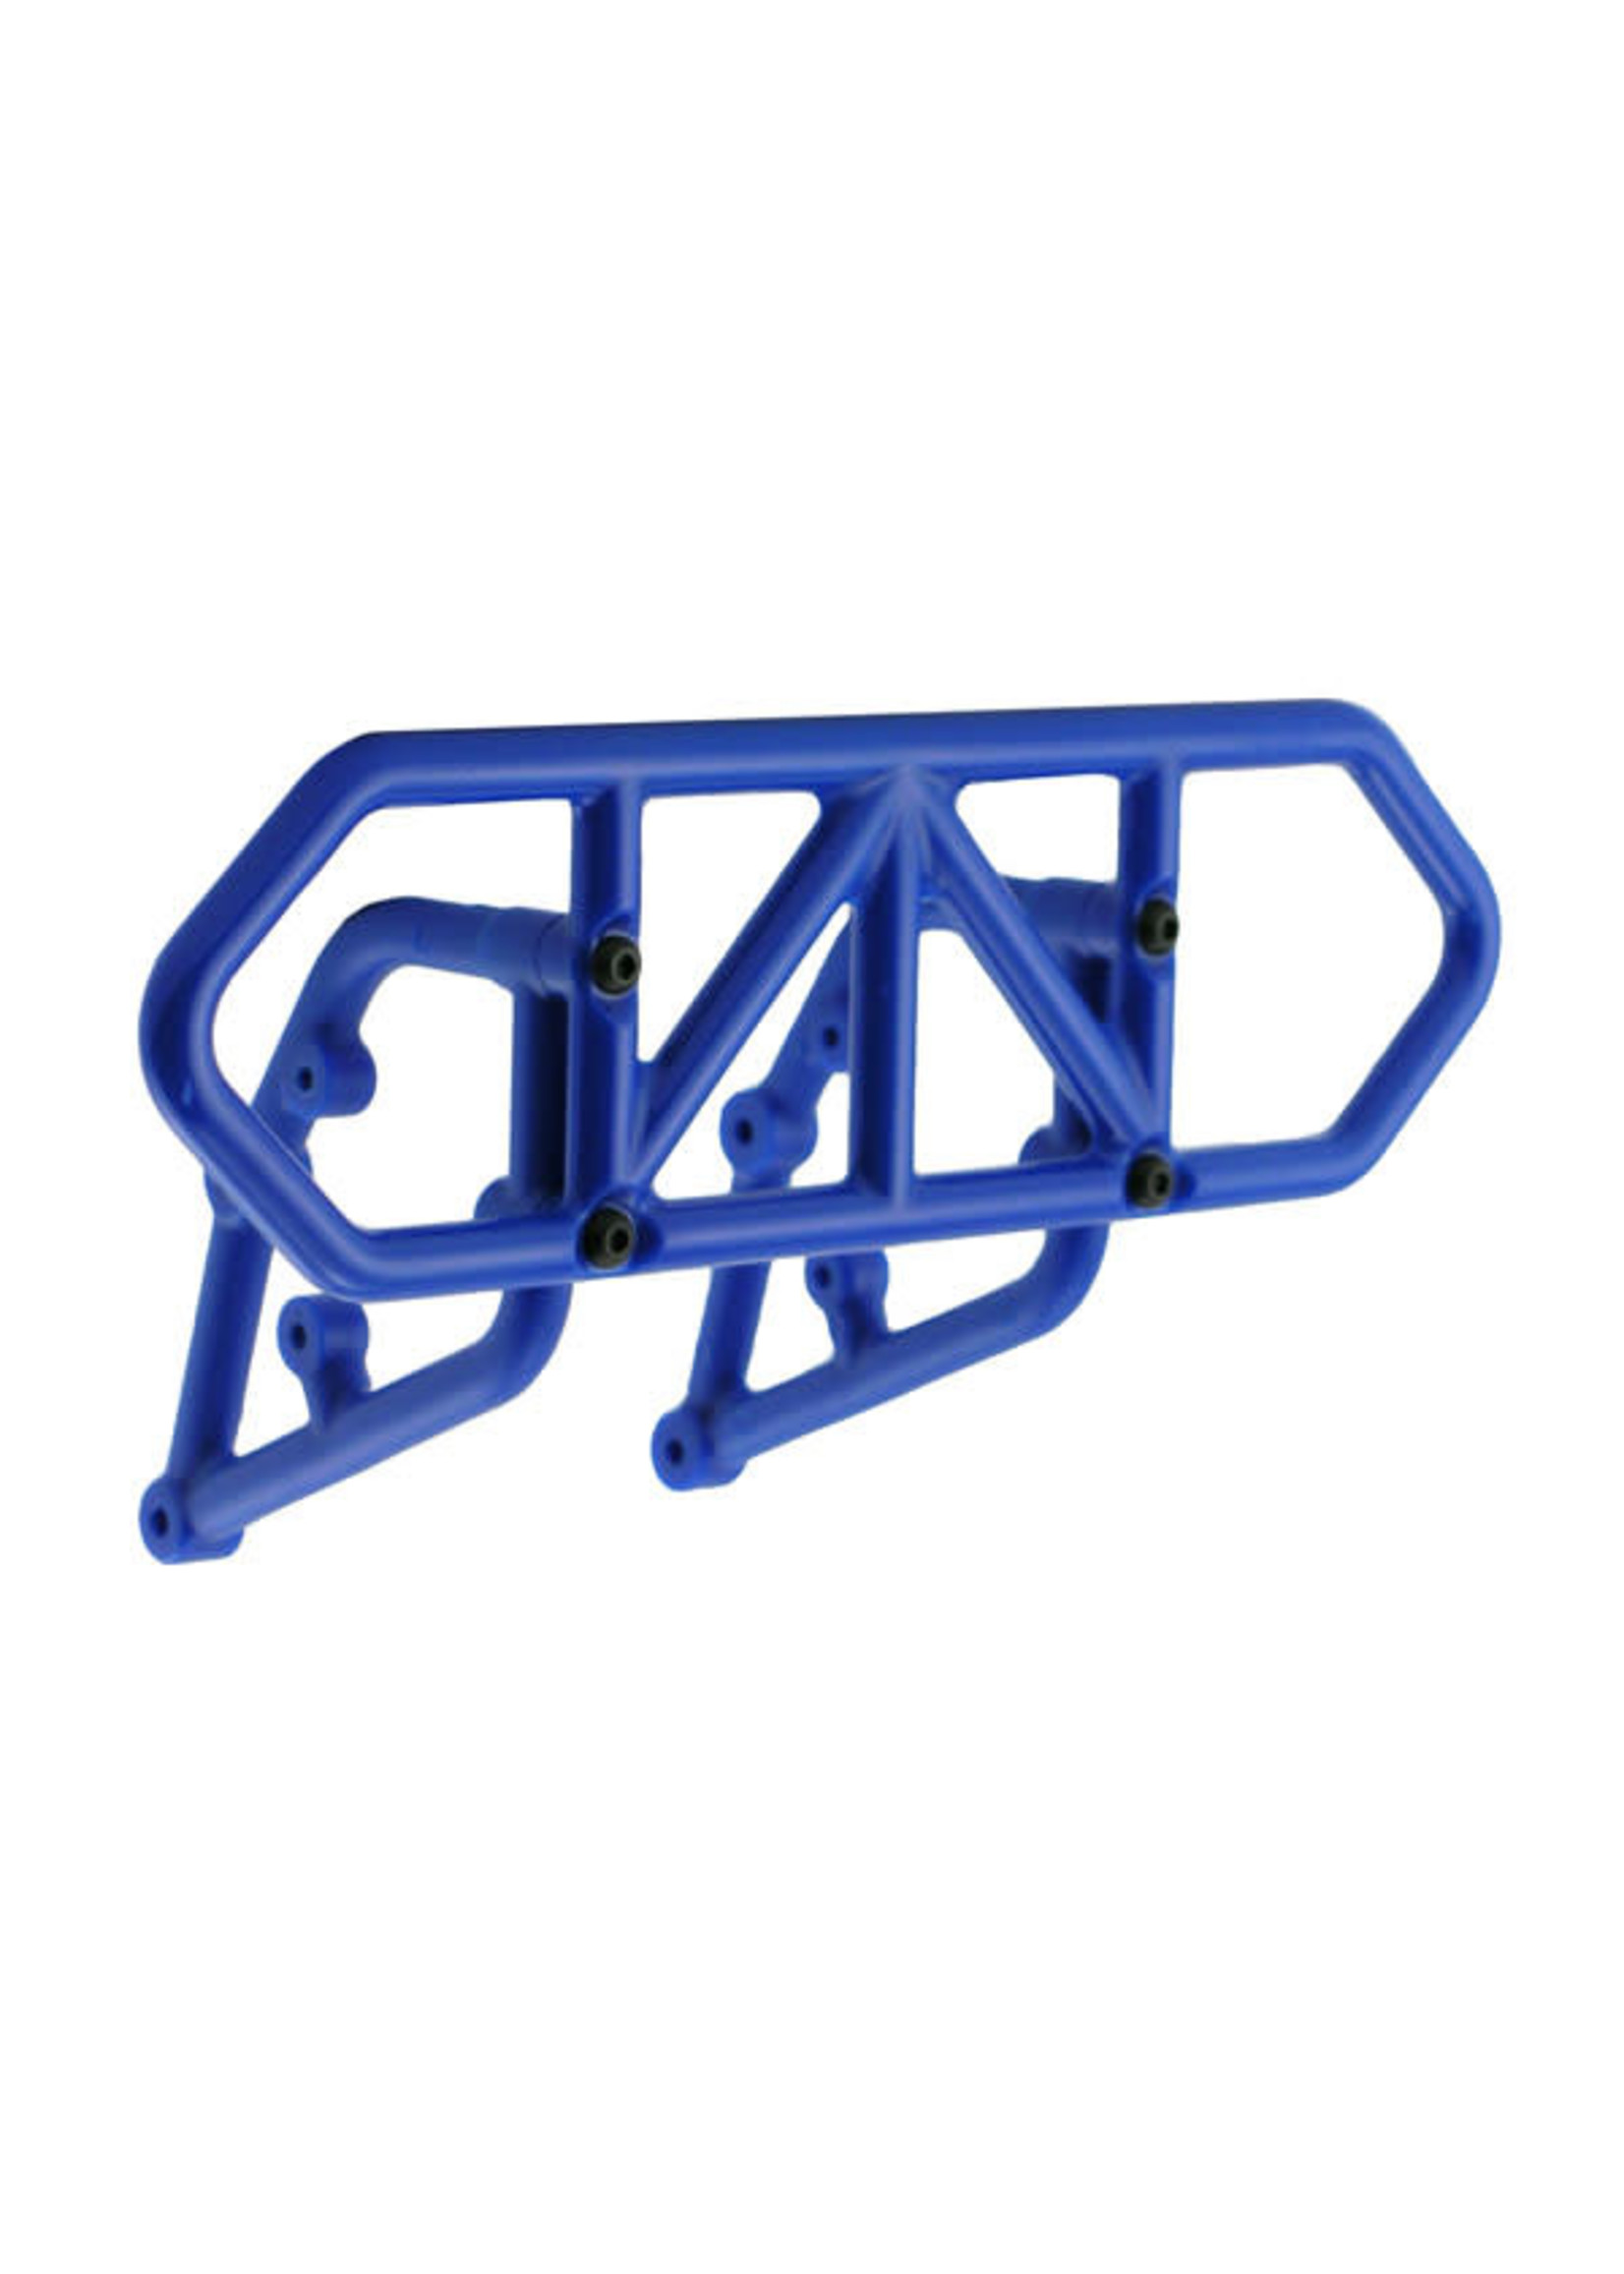 RPM RPM81005 RPM Rear Bumper, for Traxxas Slash 2wd, Blue